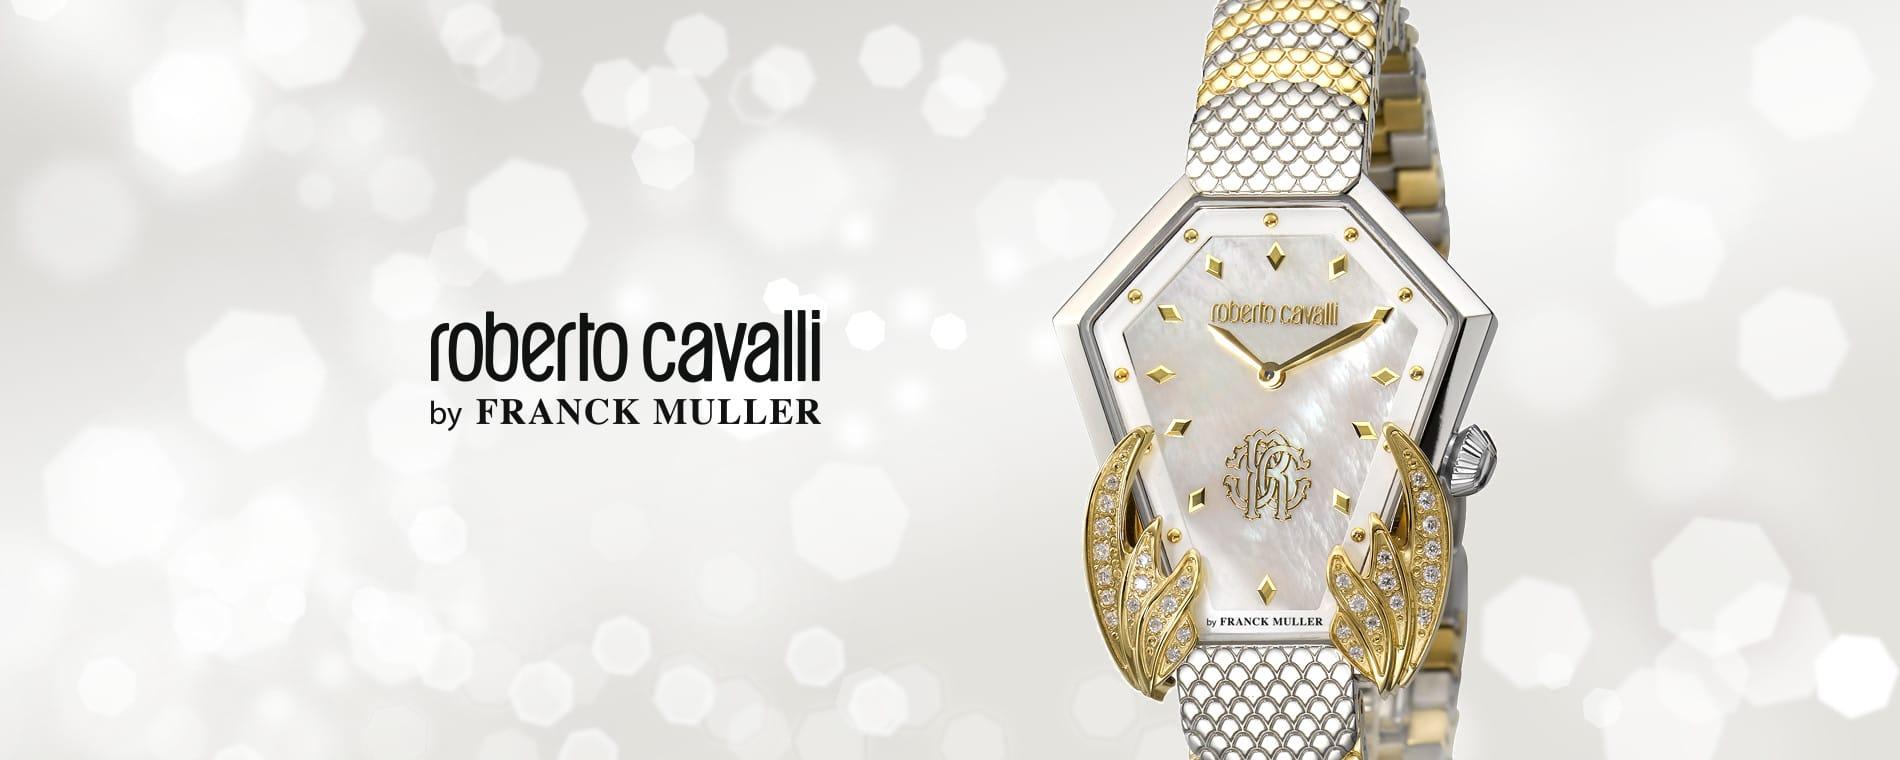 roberto cavalli by FRANCK MULLER(ロベルト・カヴァリ バイ フランク・ミュラー)